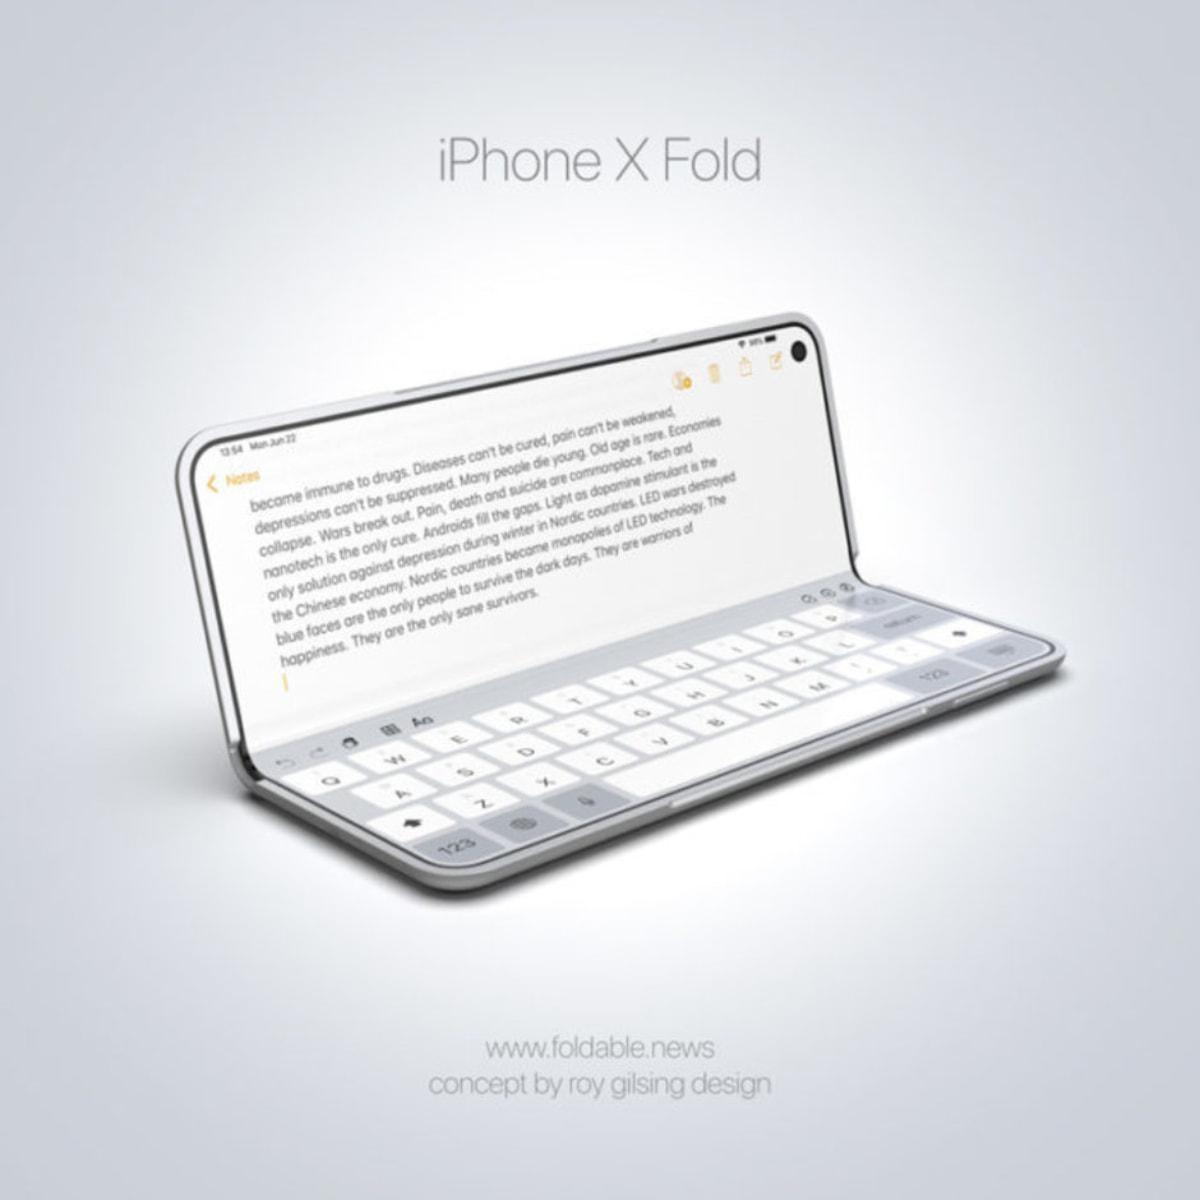 Este conceito de iPhone dobrável é um Galaxy Fold com iOS